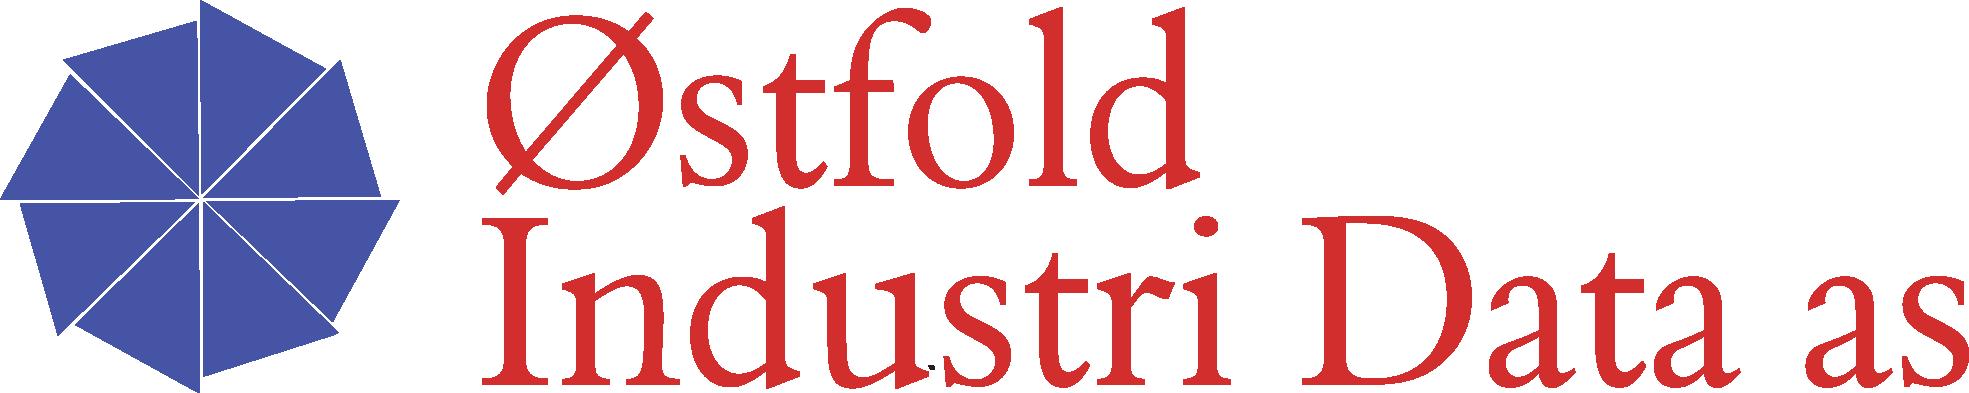 Østfold Industri Data a.s. logo